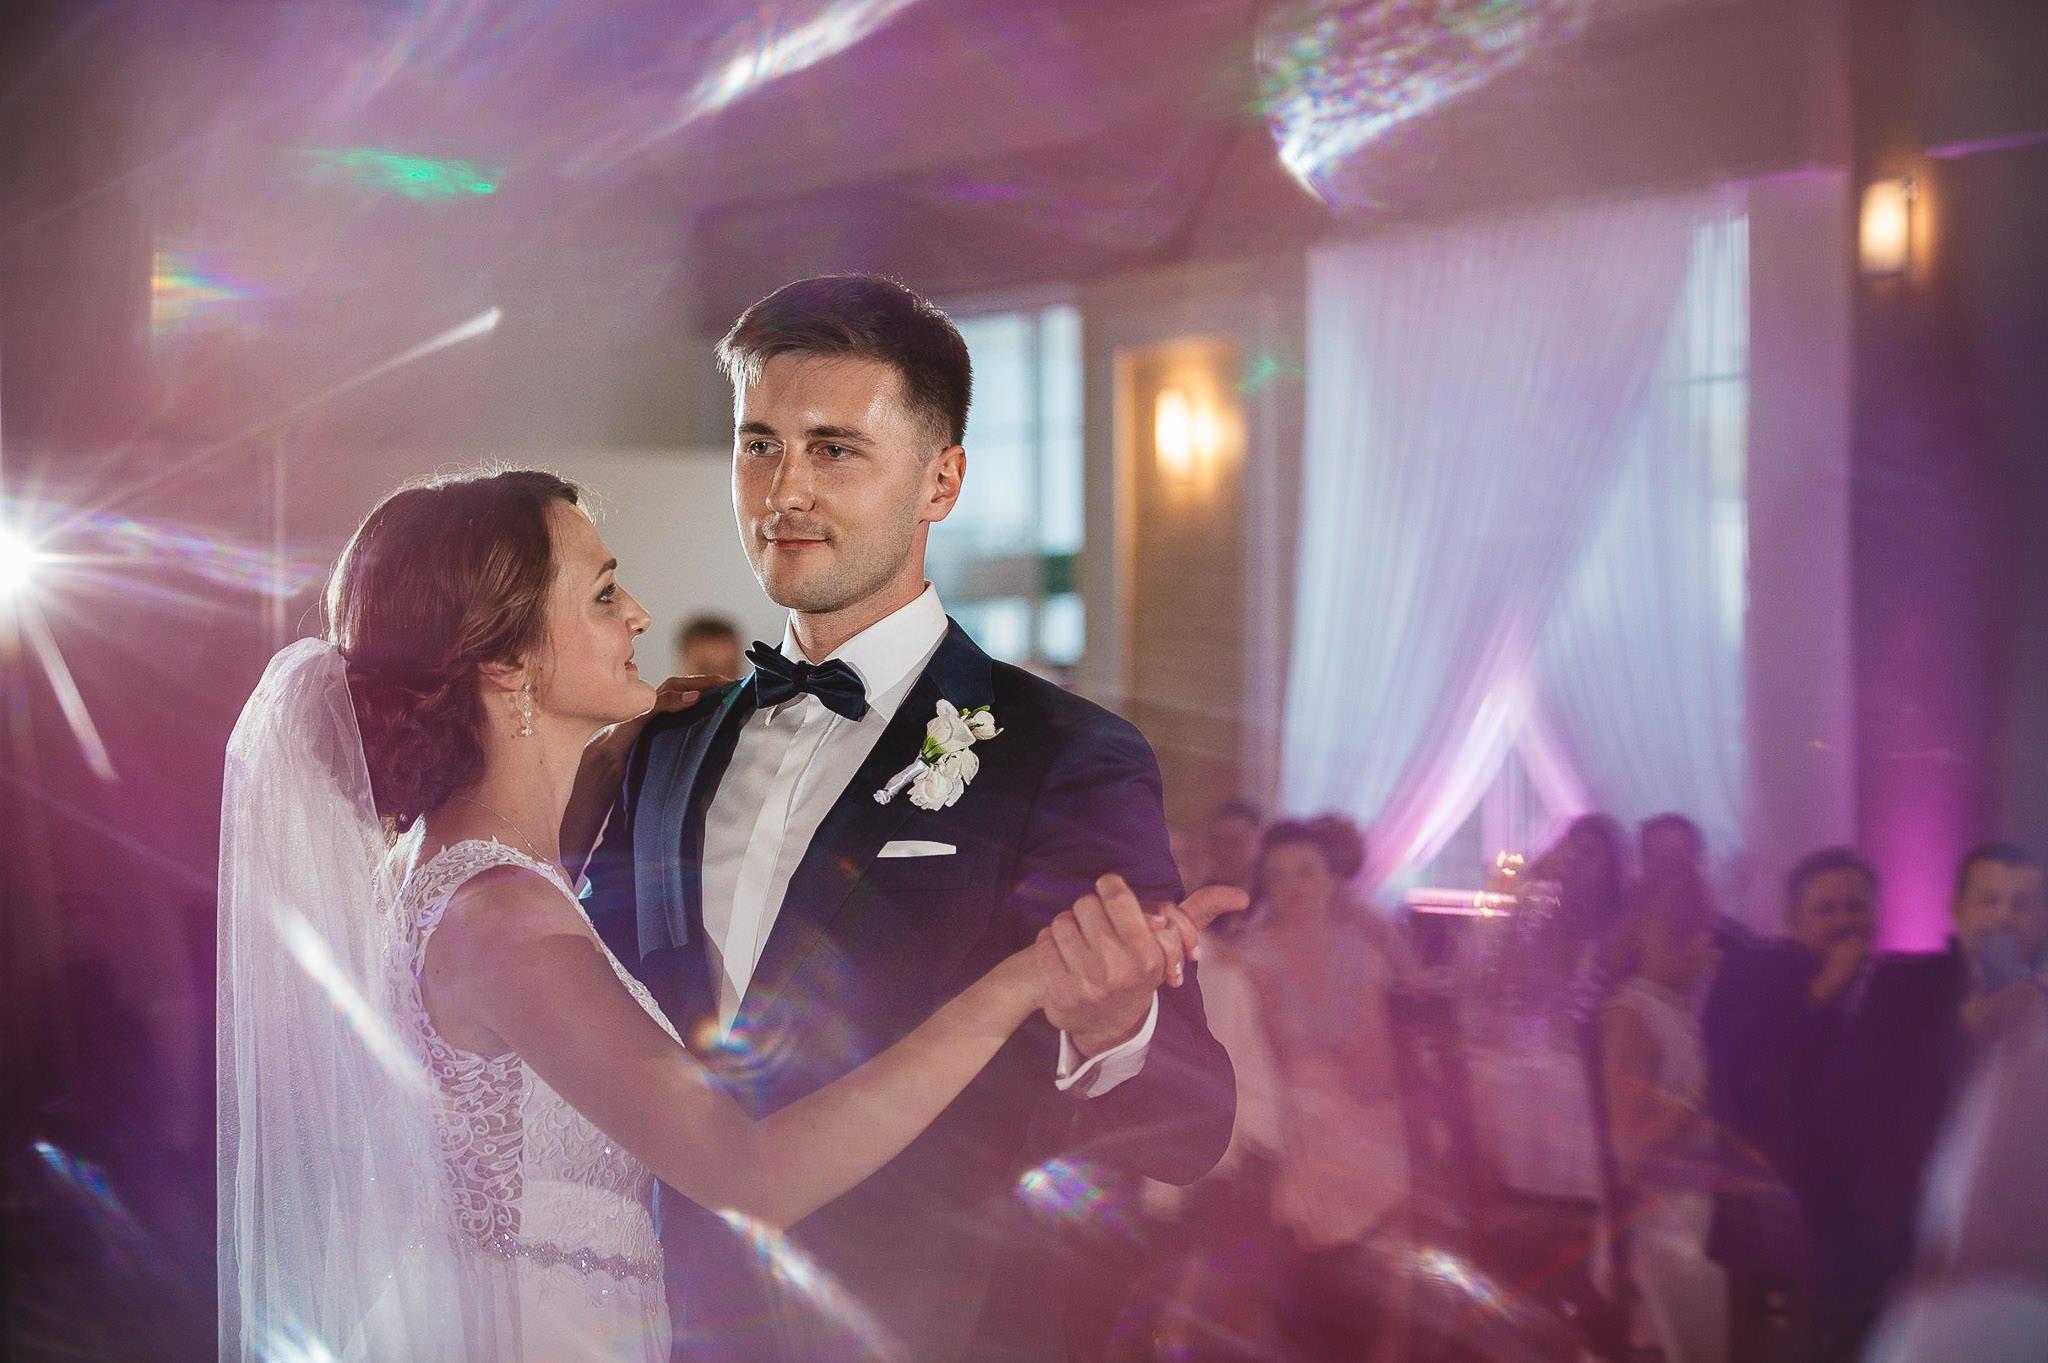 Monika i Michał, wesele w Paryżu i sesja plenerowa w stadninie koni w Czołowie 180